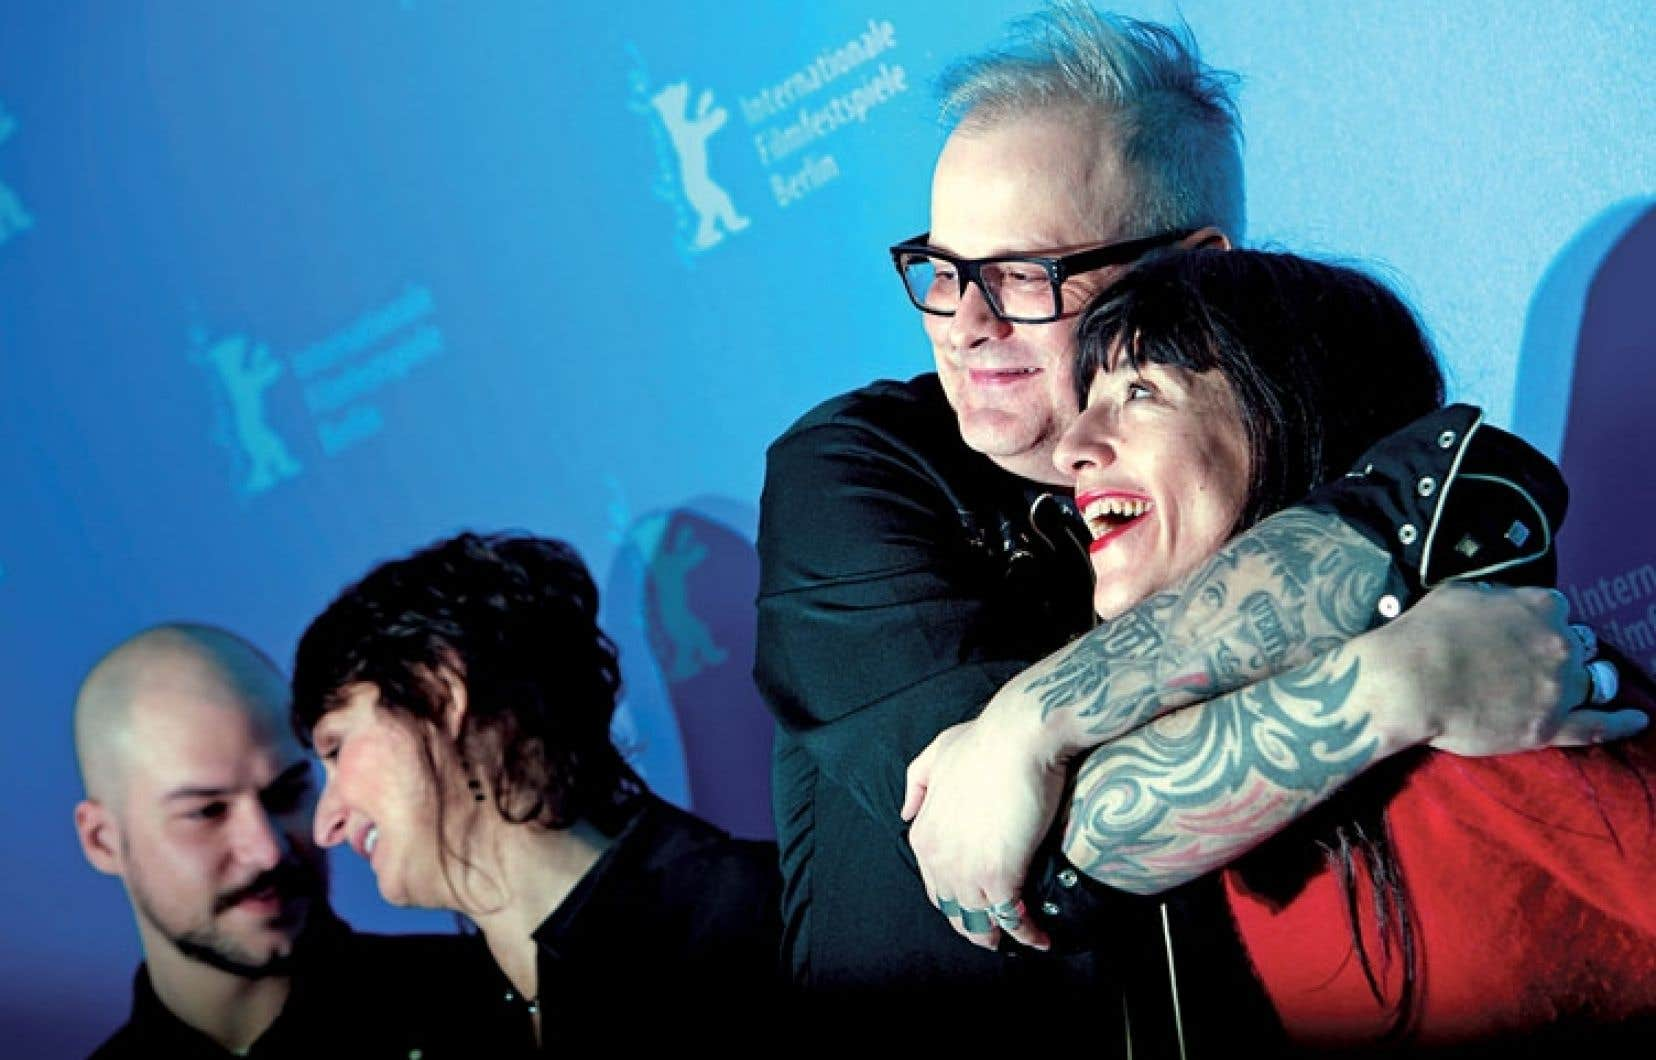 Le cinéaste Denis Côté et la comédienne Romane Bohringer (à droite), au cours d'une séance de photos à laquelle se sont aussi prêtés les acteurs Marc-André Grondin et Pierrette Robitaille dimanche à Berlin.